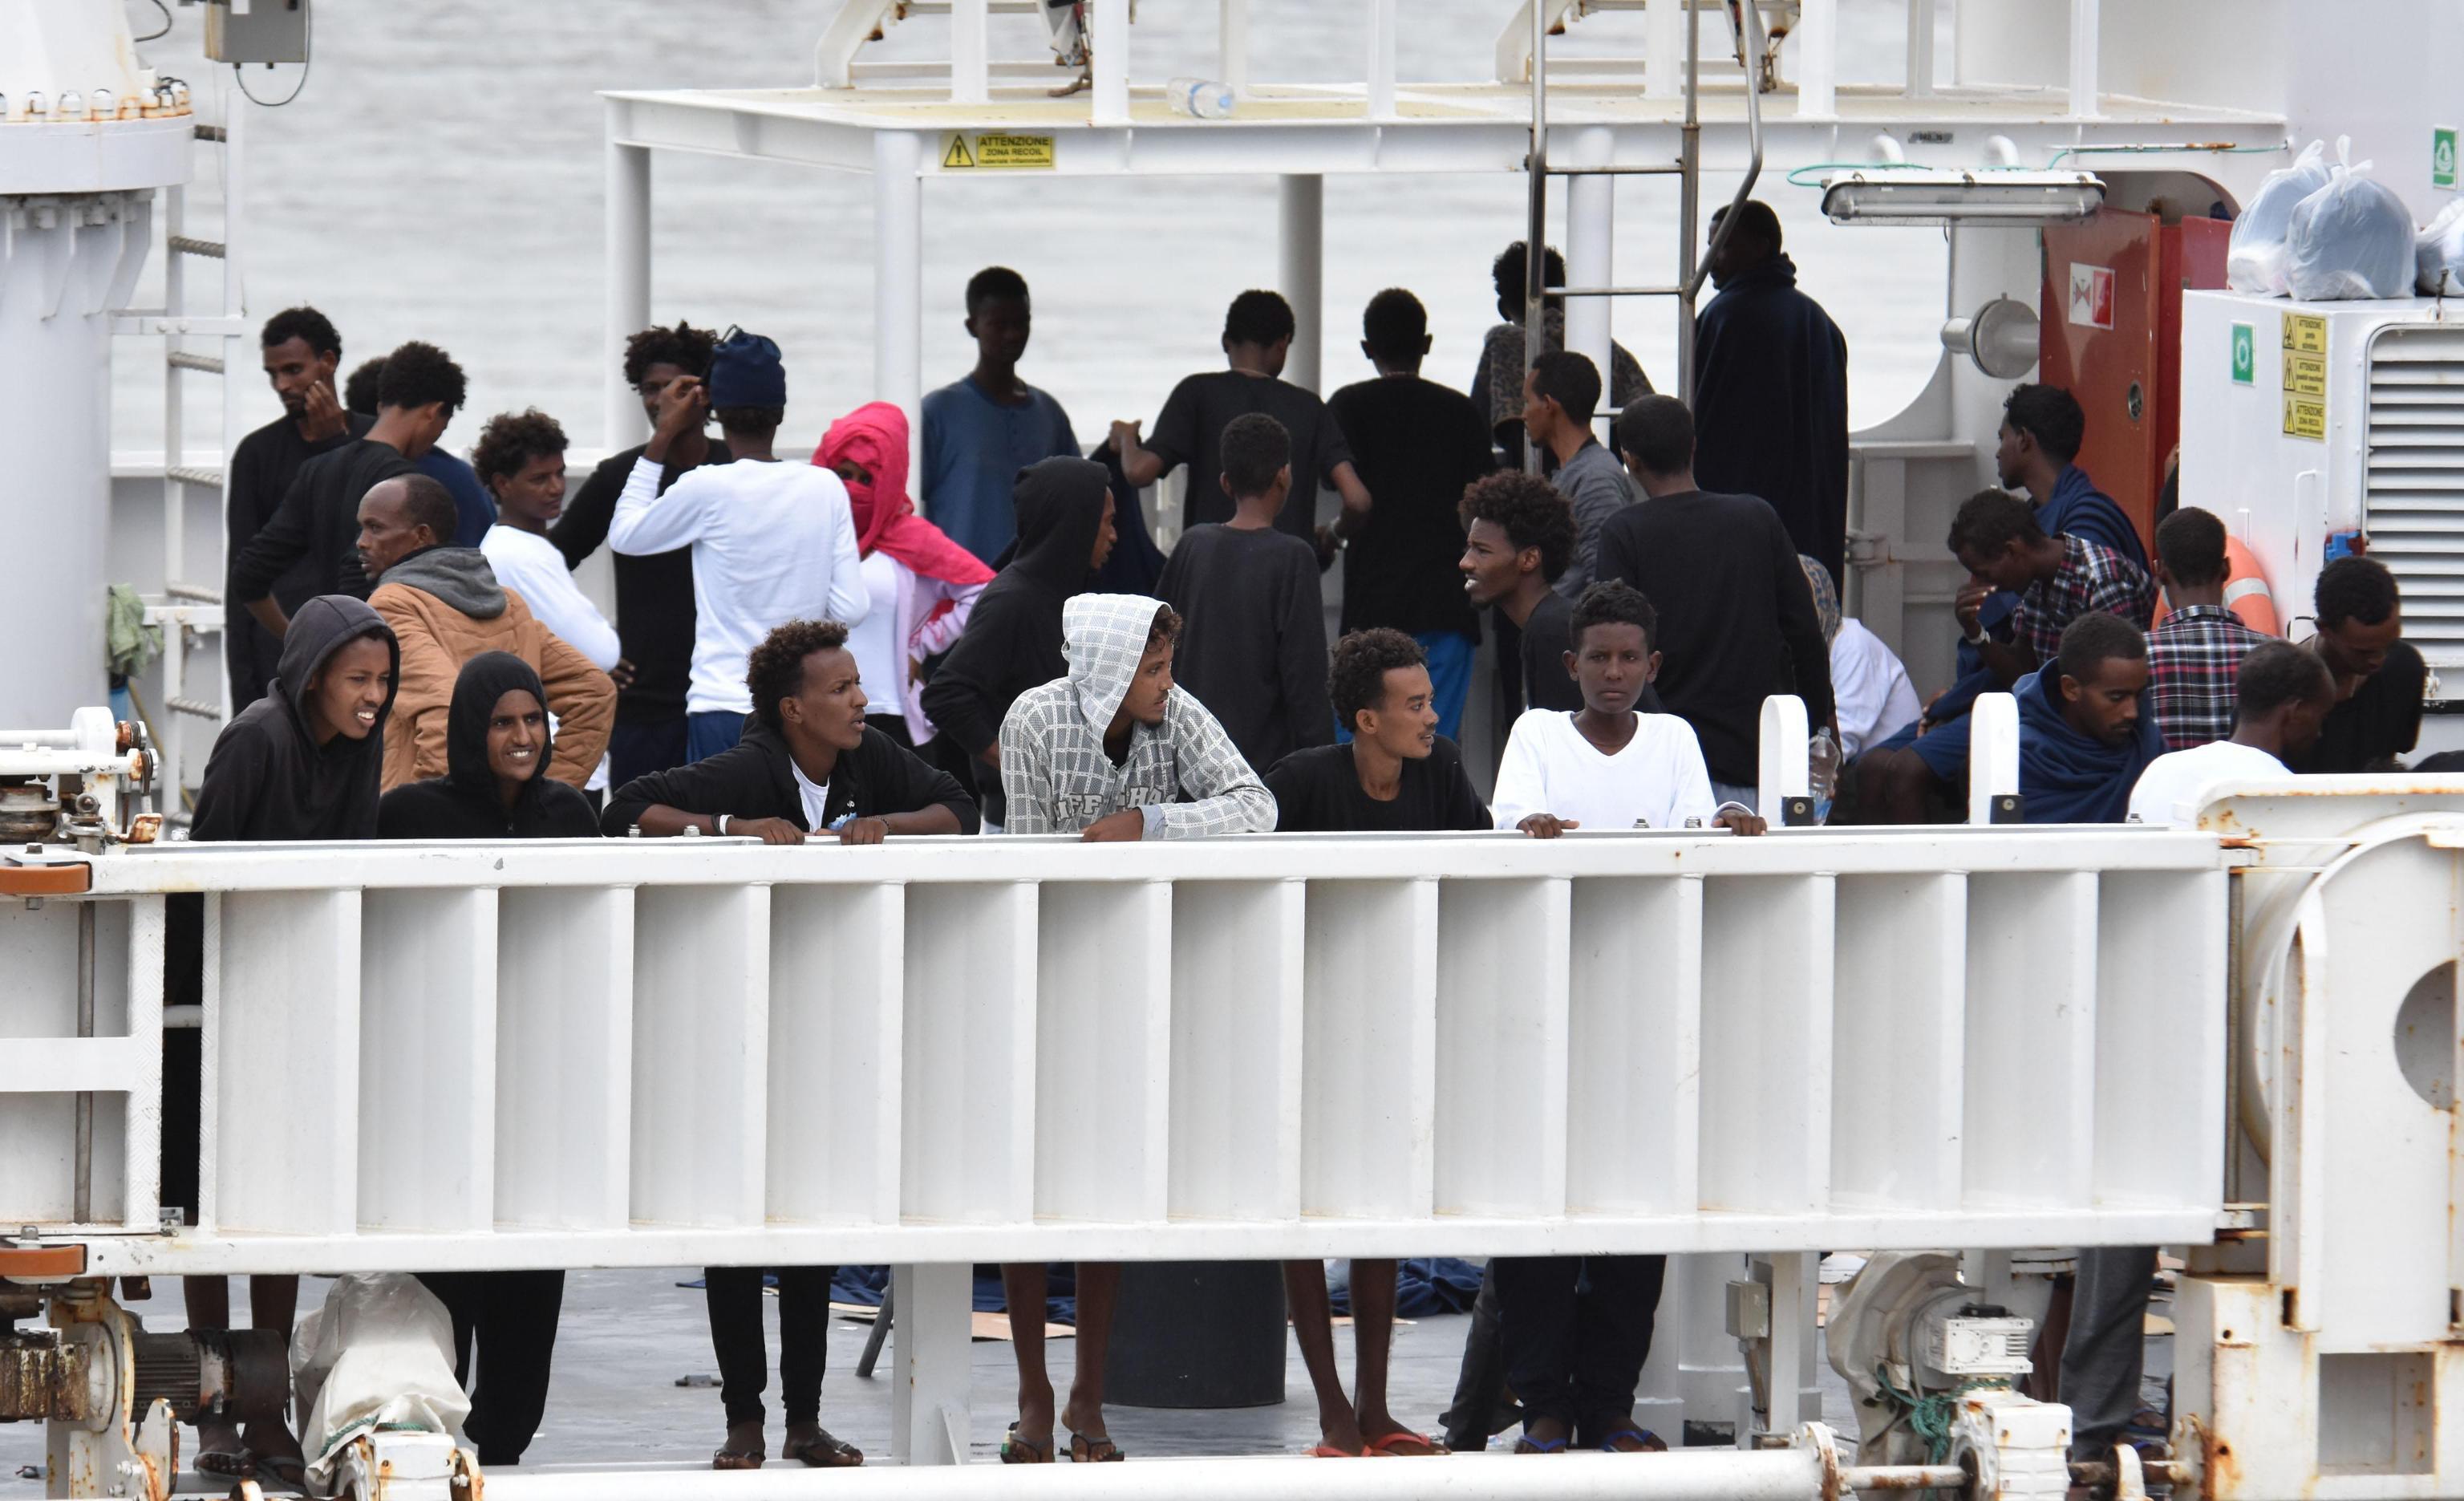 Itália: Salvini ameaça reenviar migrantes para a Líbia